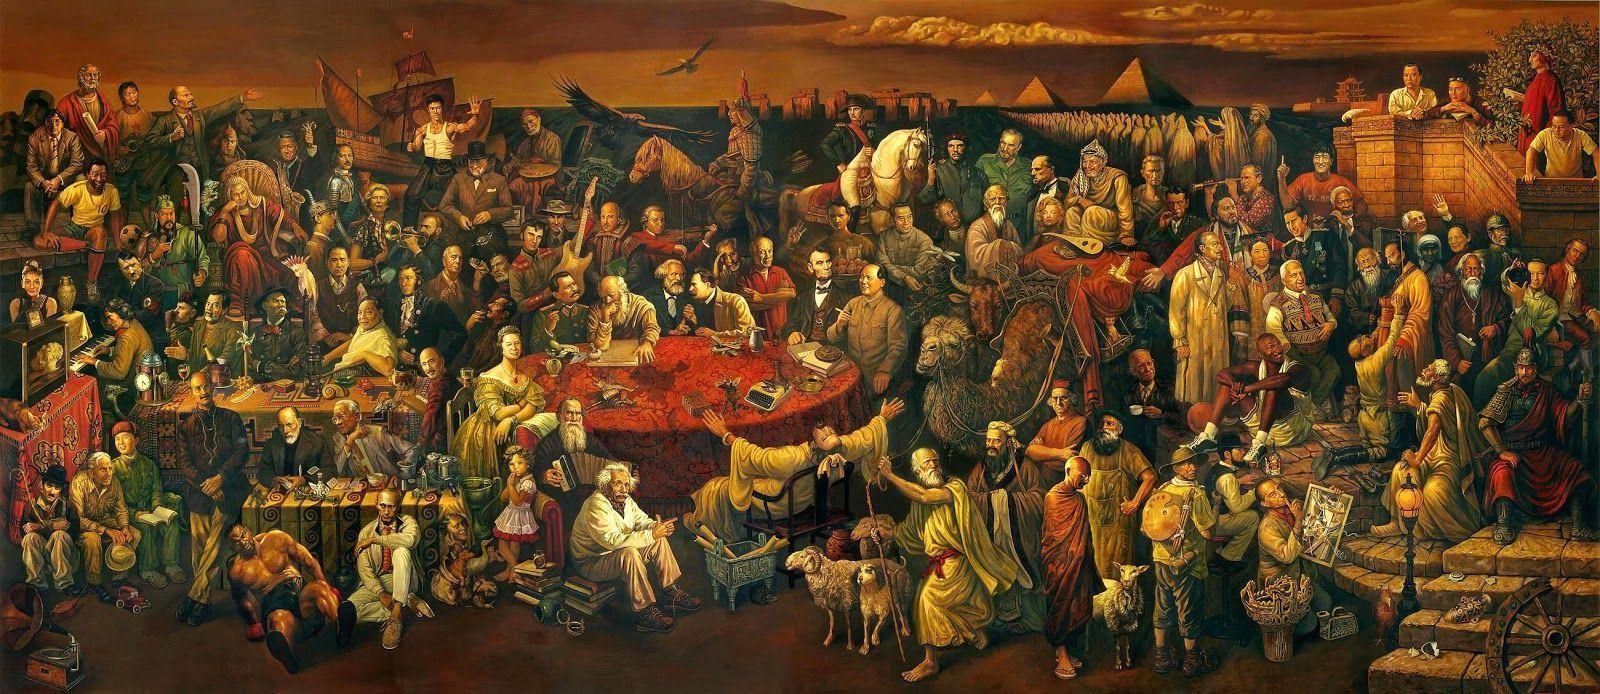 2605 - ¿Identificas a todos estos personajes de nuestra historia?